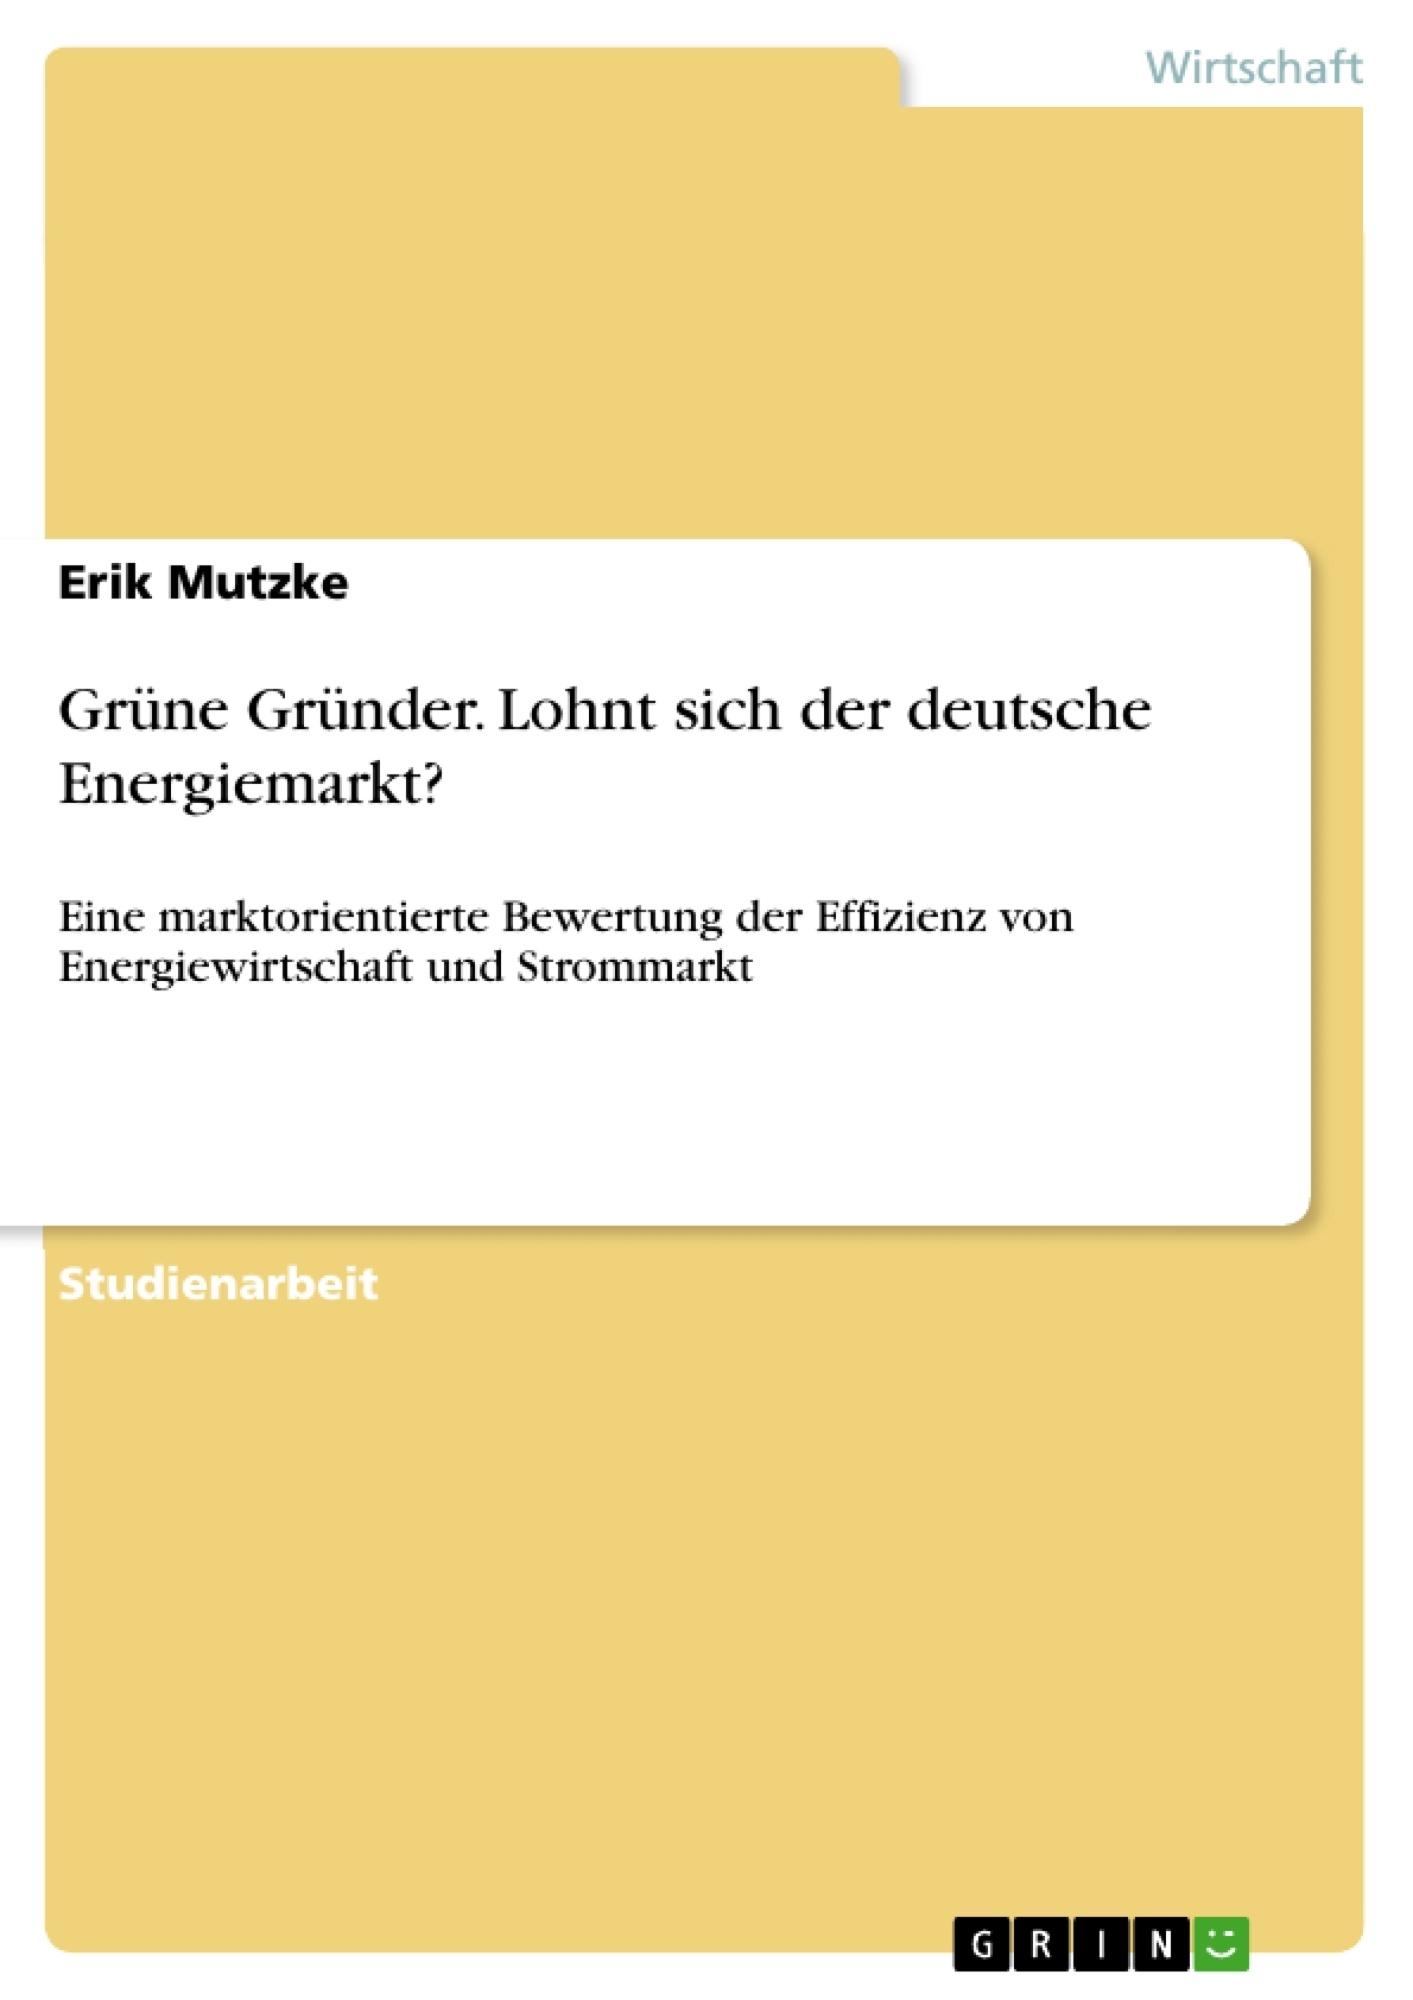 Titel: Grüne Gründer. Lohnt sich der deutsche Energiemarkt?